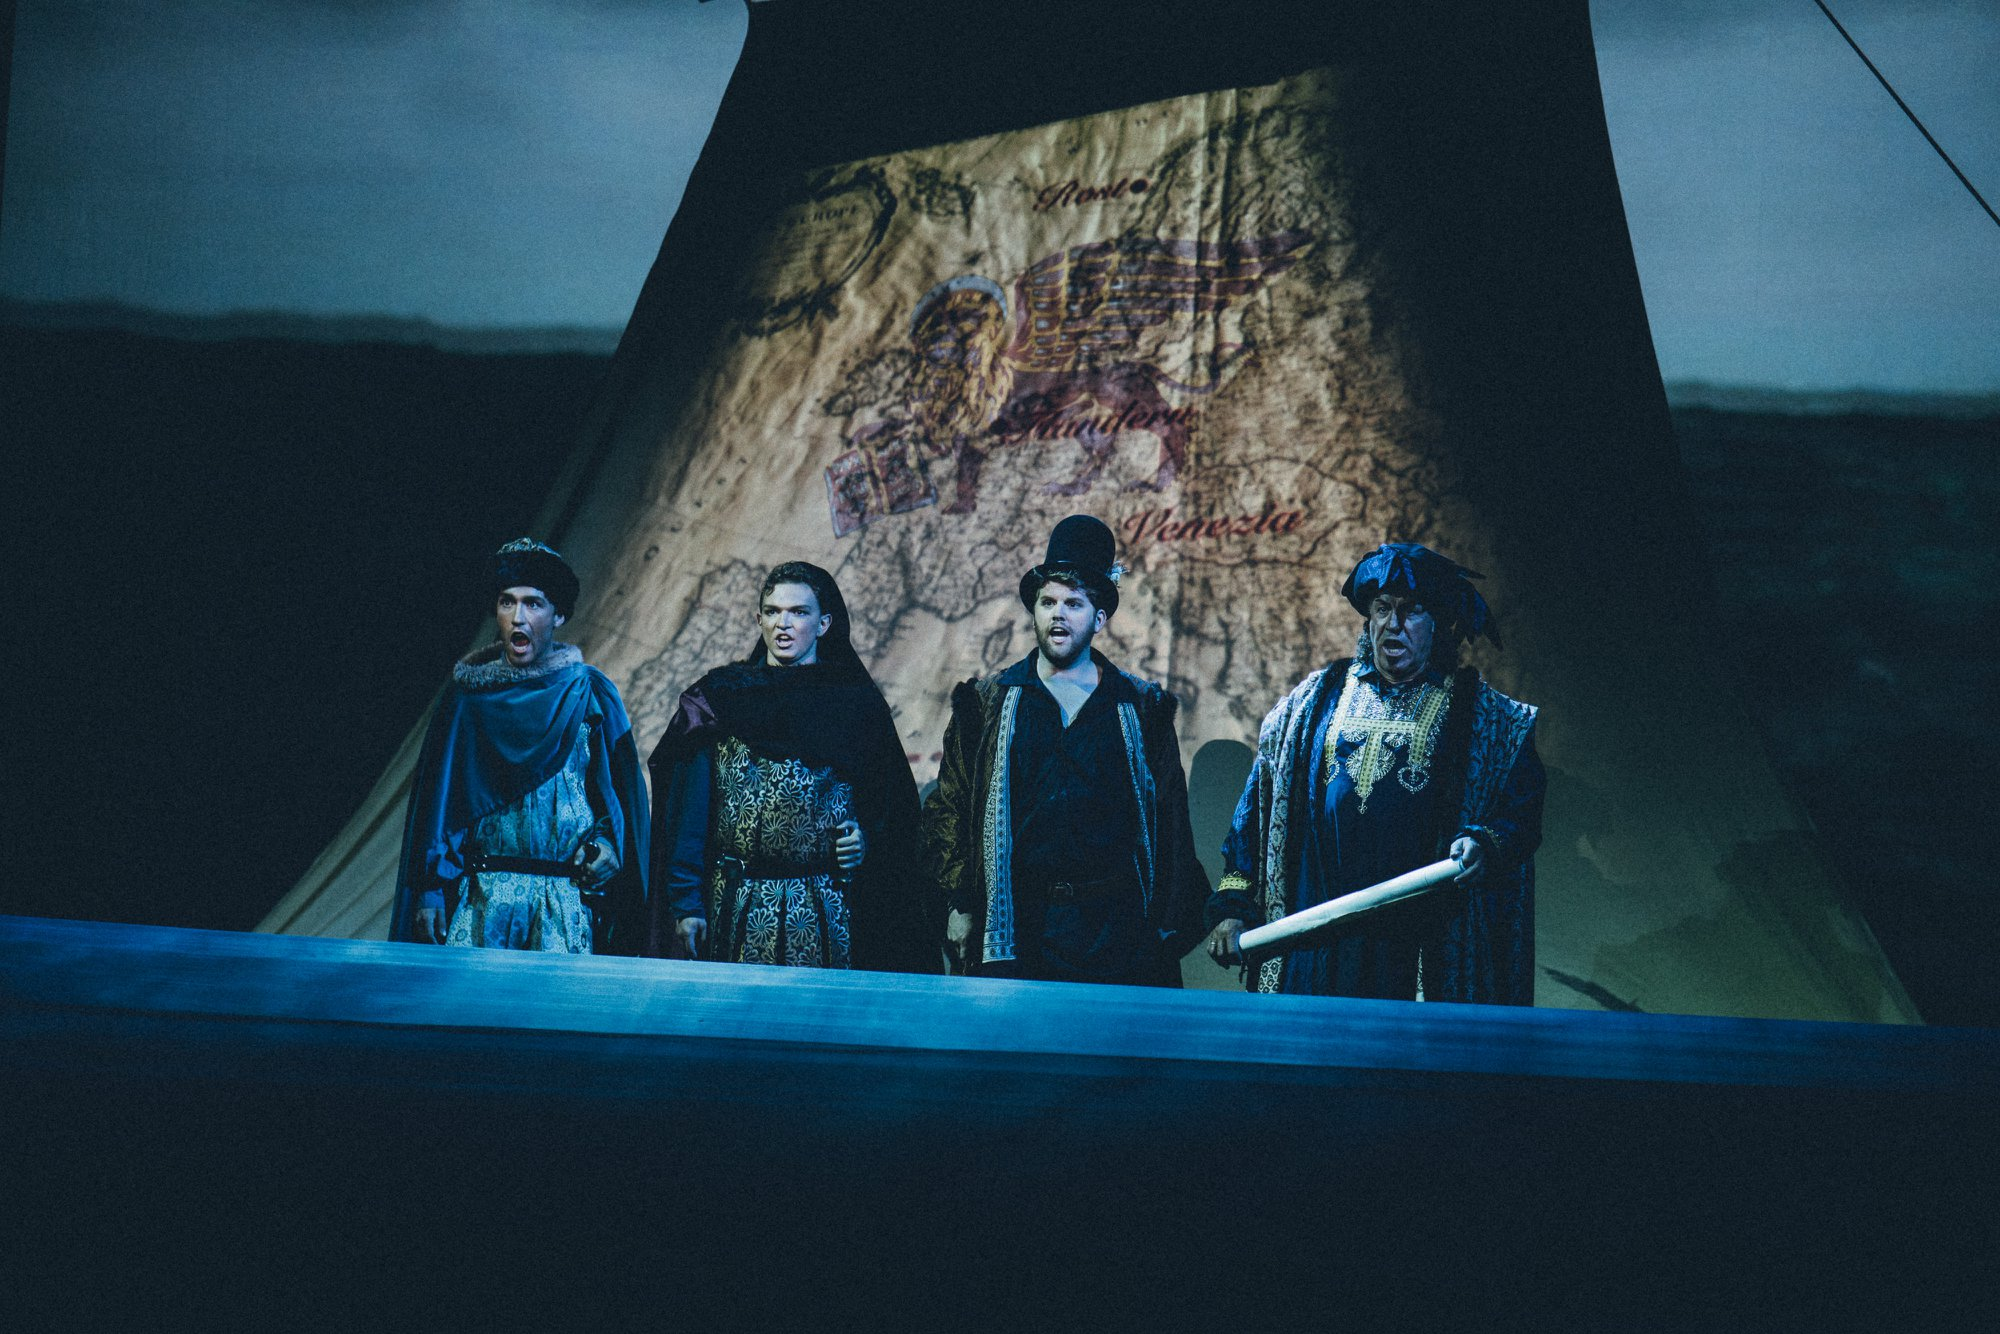 Querini og mannskapet foran seilet